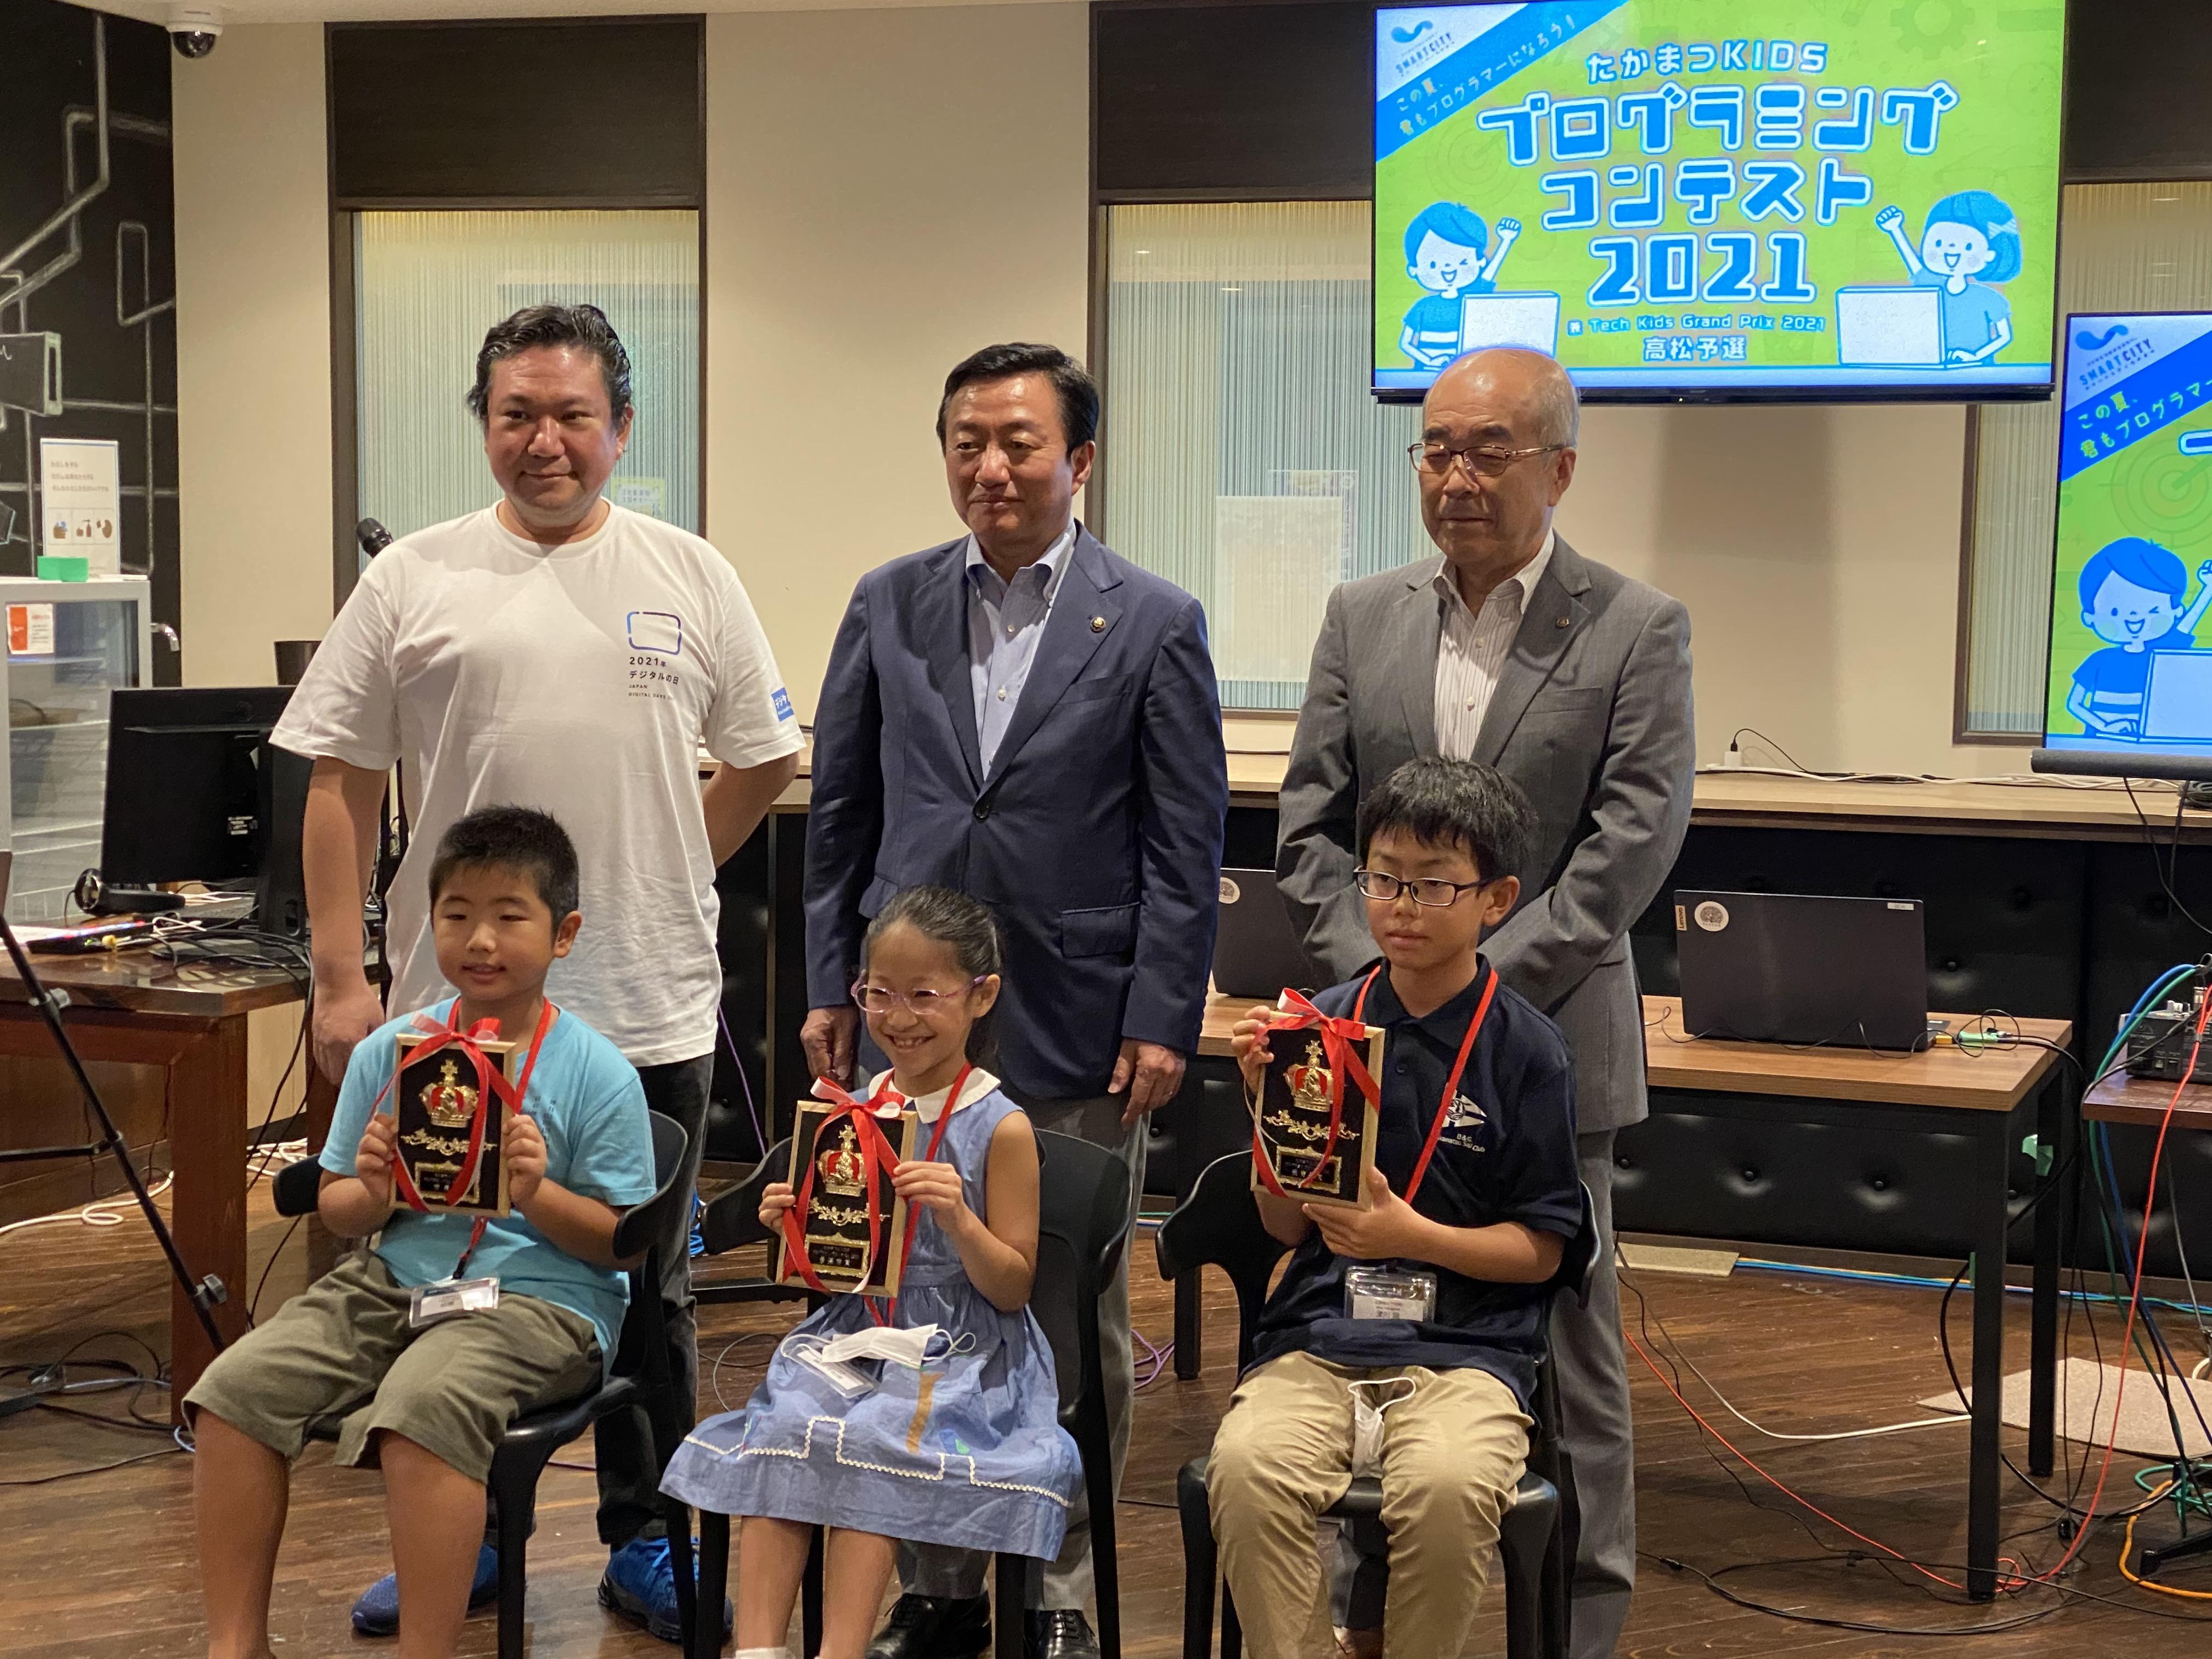 高松市キッズプログラミングコンテスト入賞